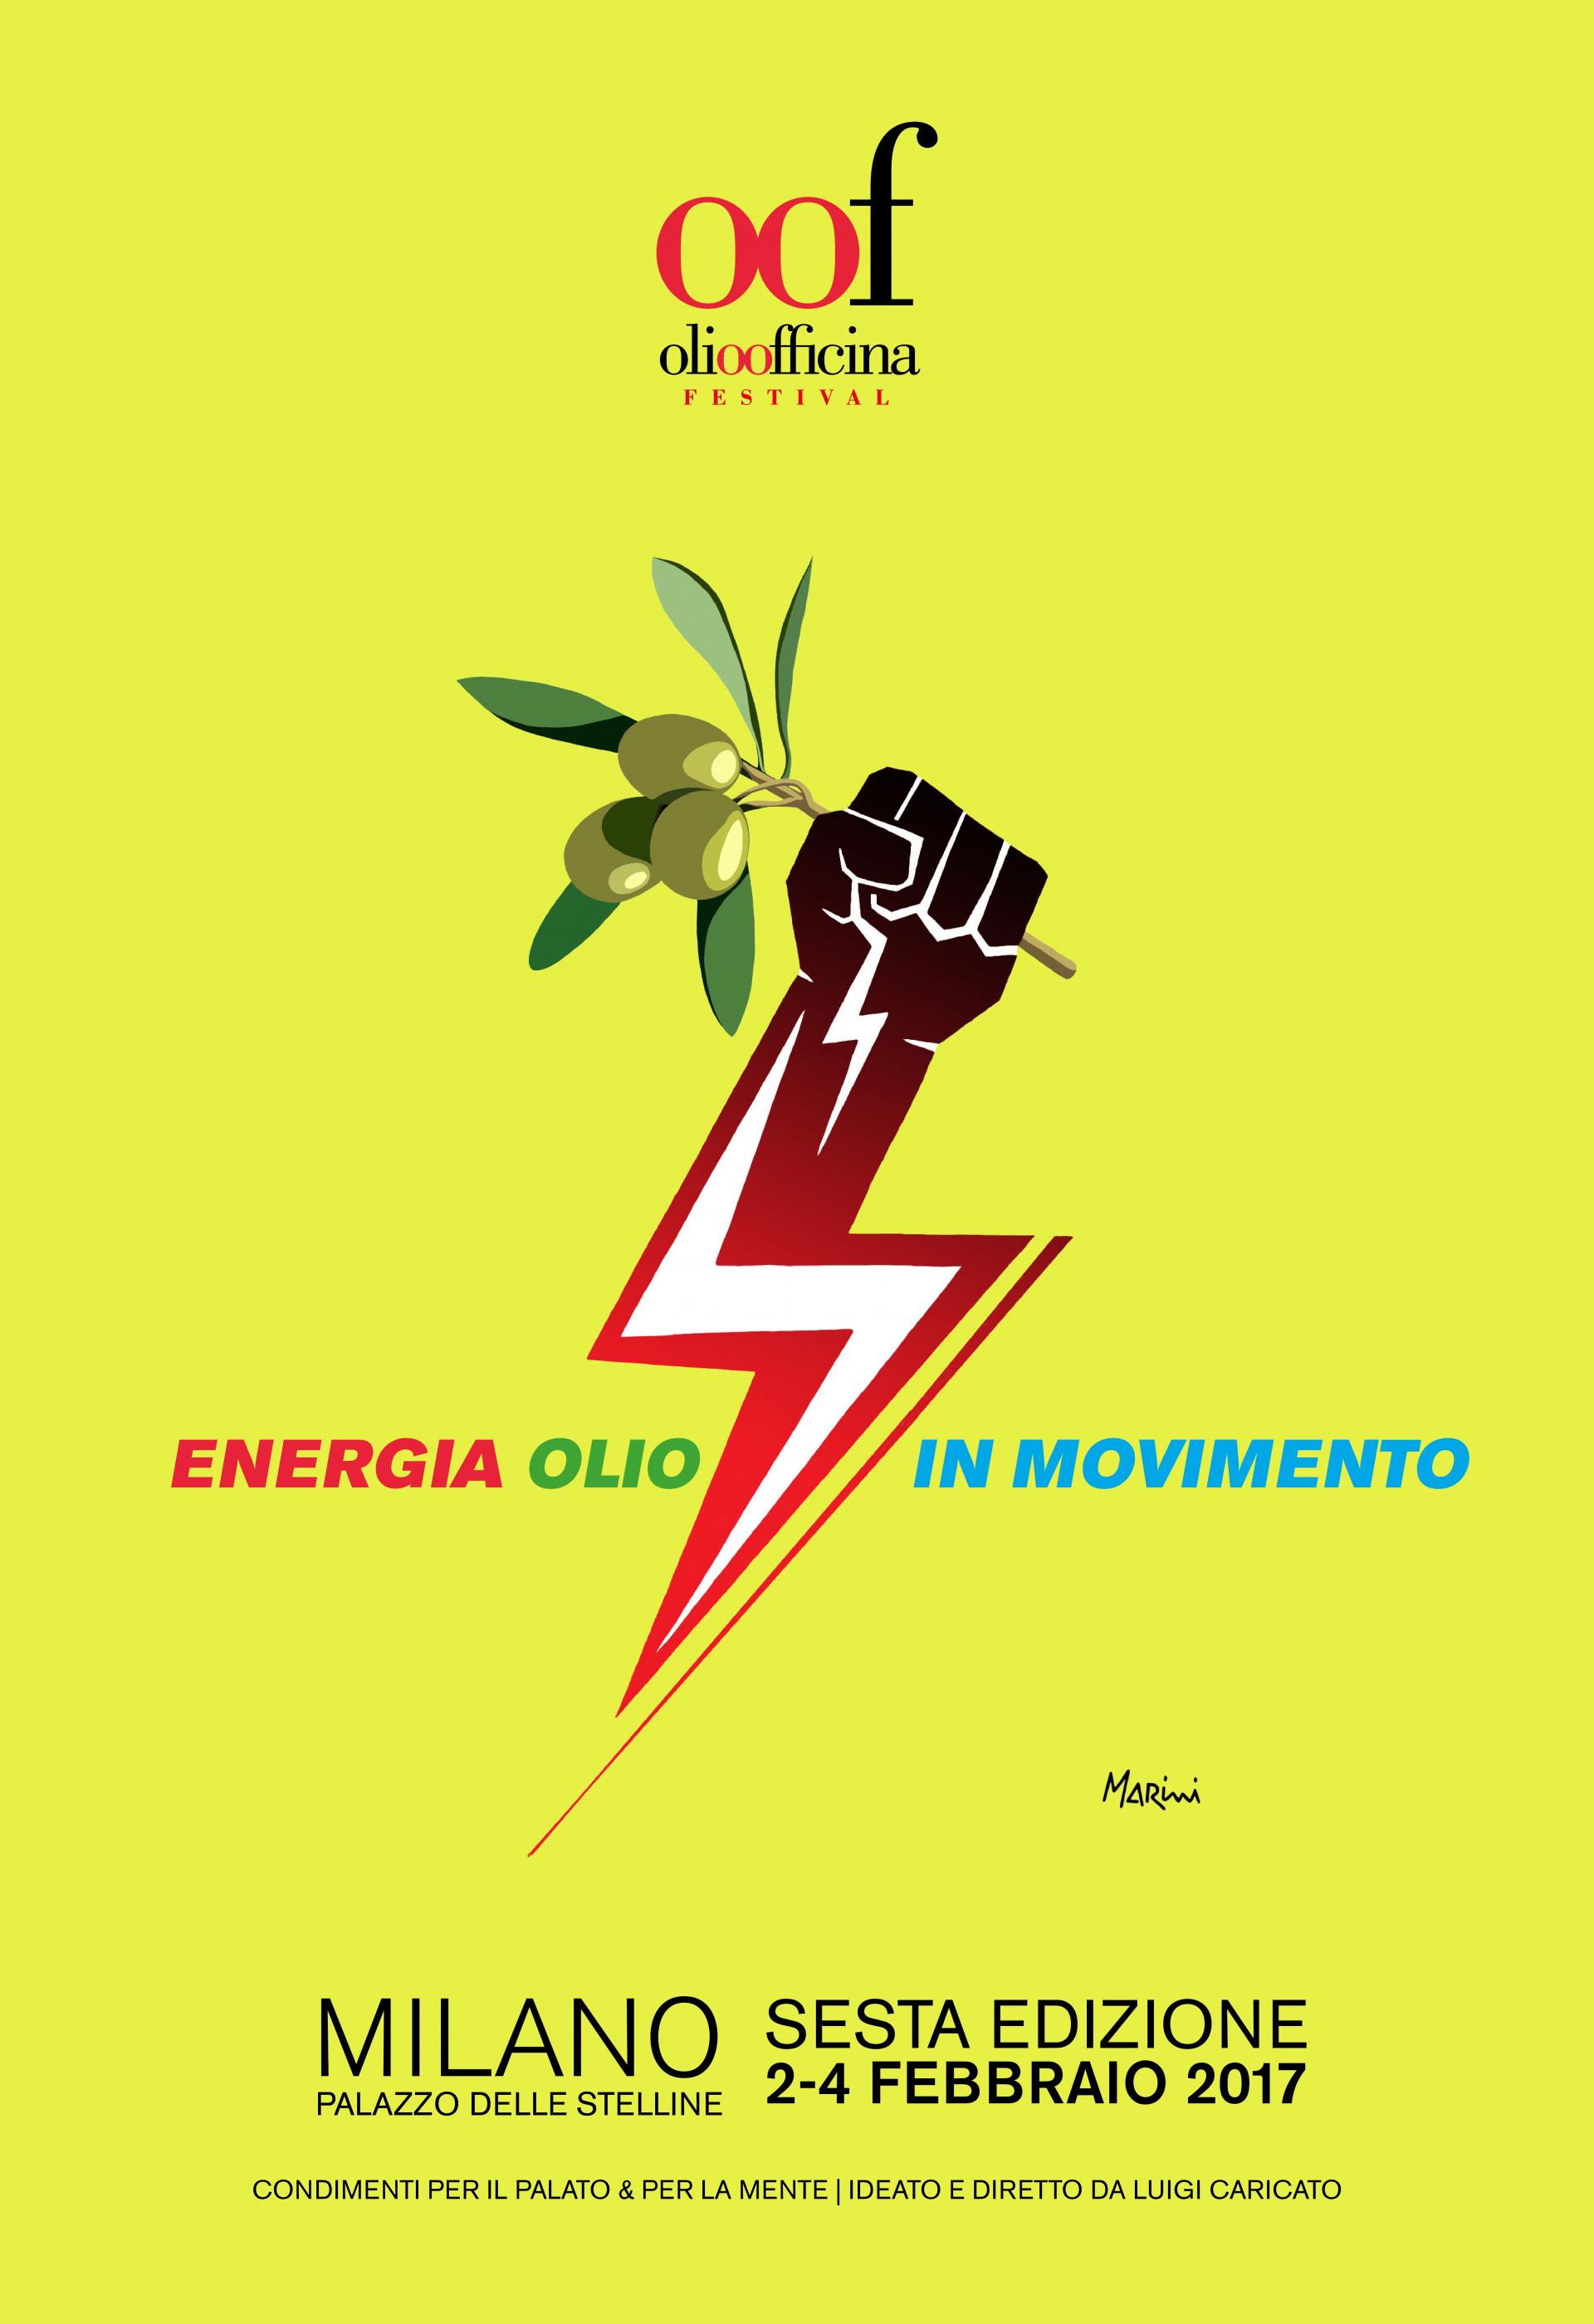 Tutti in coro: energia!